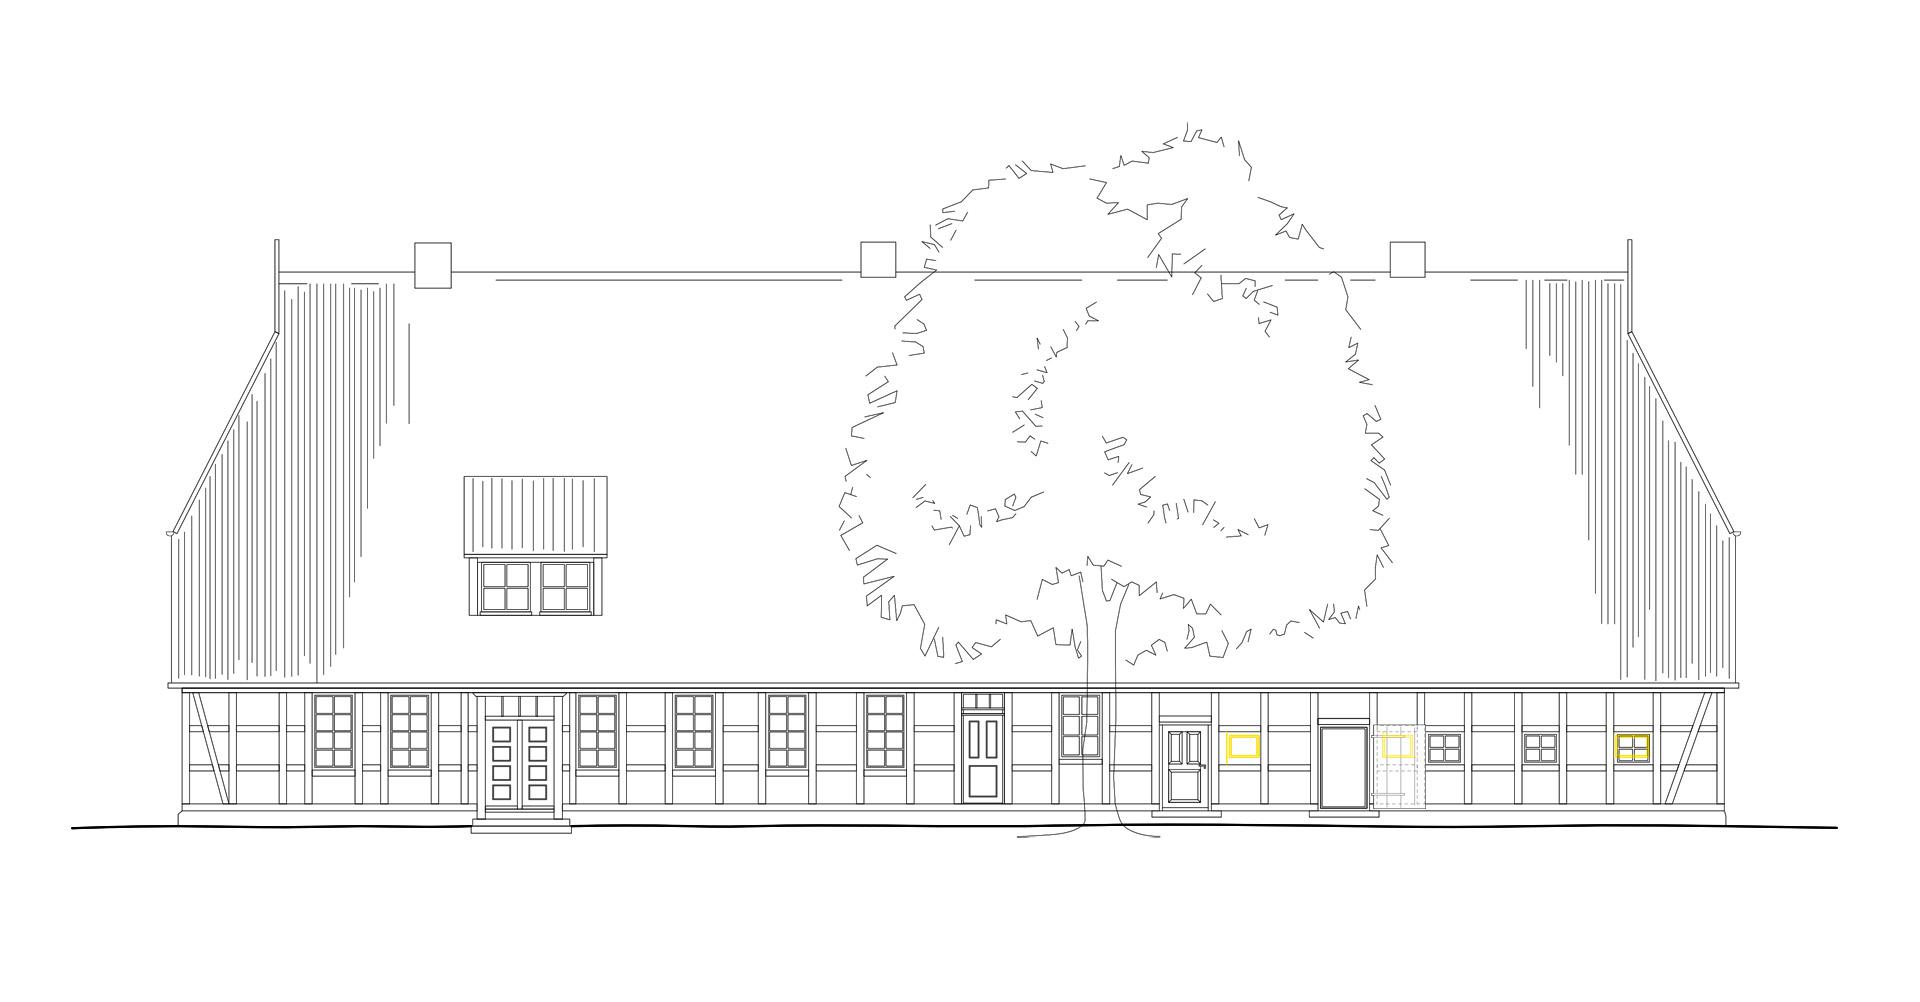 Bauzeichnung von pablo baugestaltung zeigt die Seitenansicht des Bauernhauses Juergenstorf